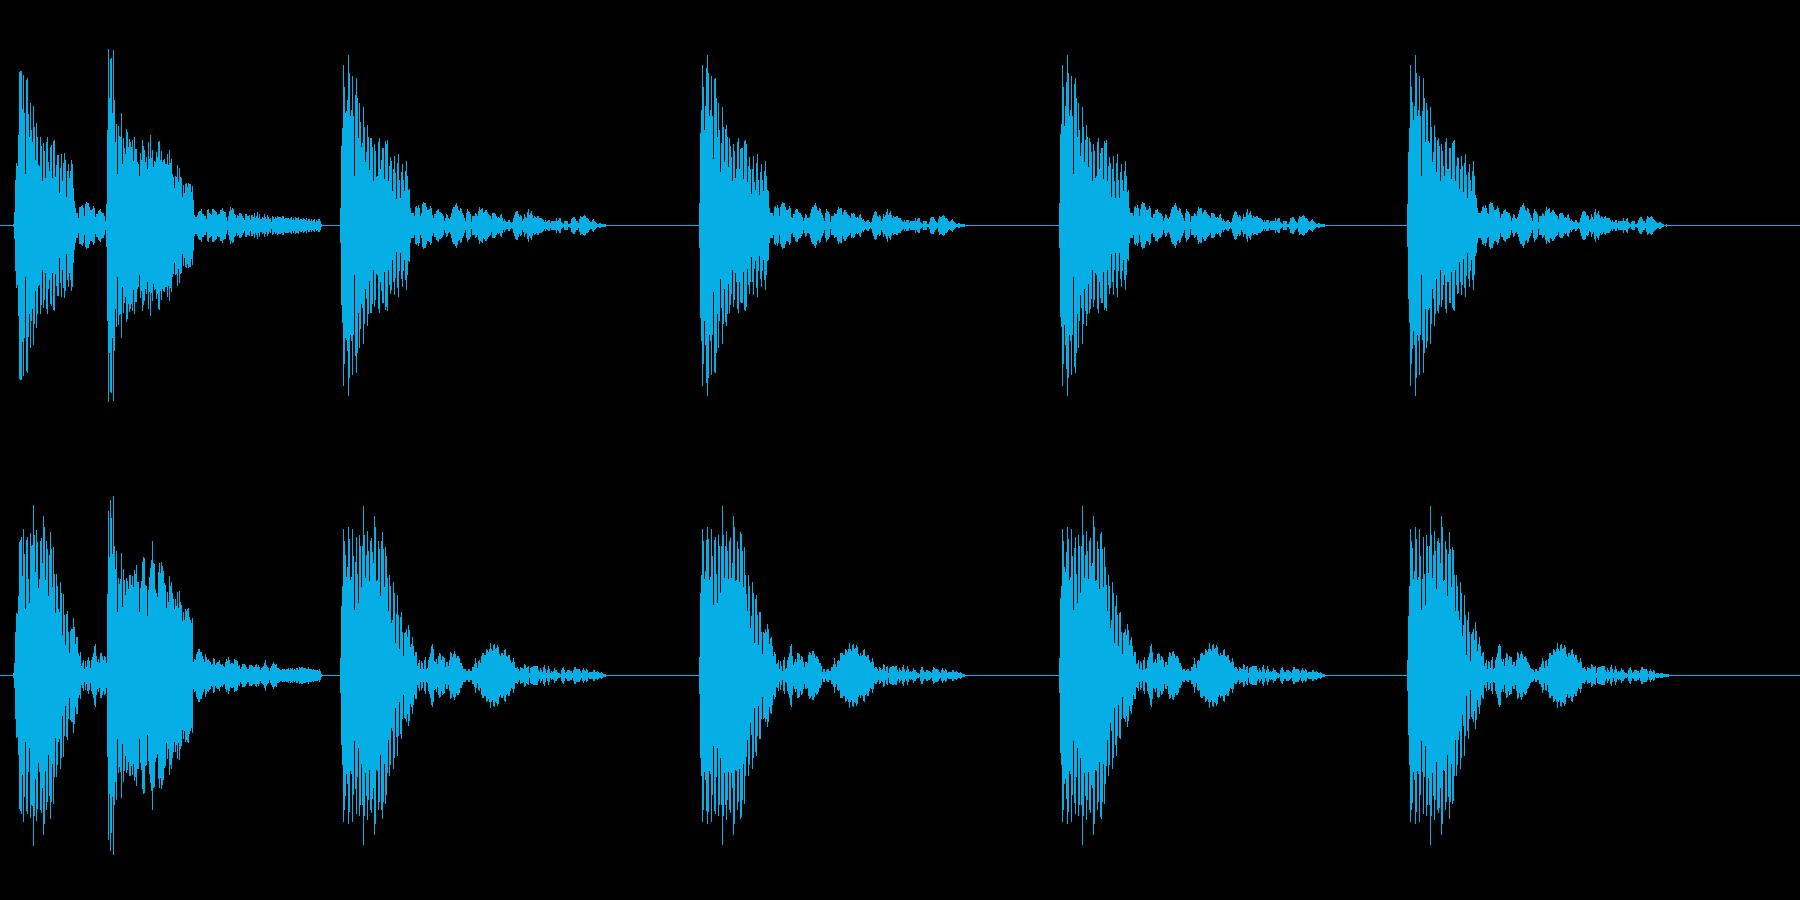 コッコッコッ(鶏の鳴き声)の再生済みの波形